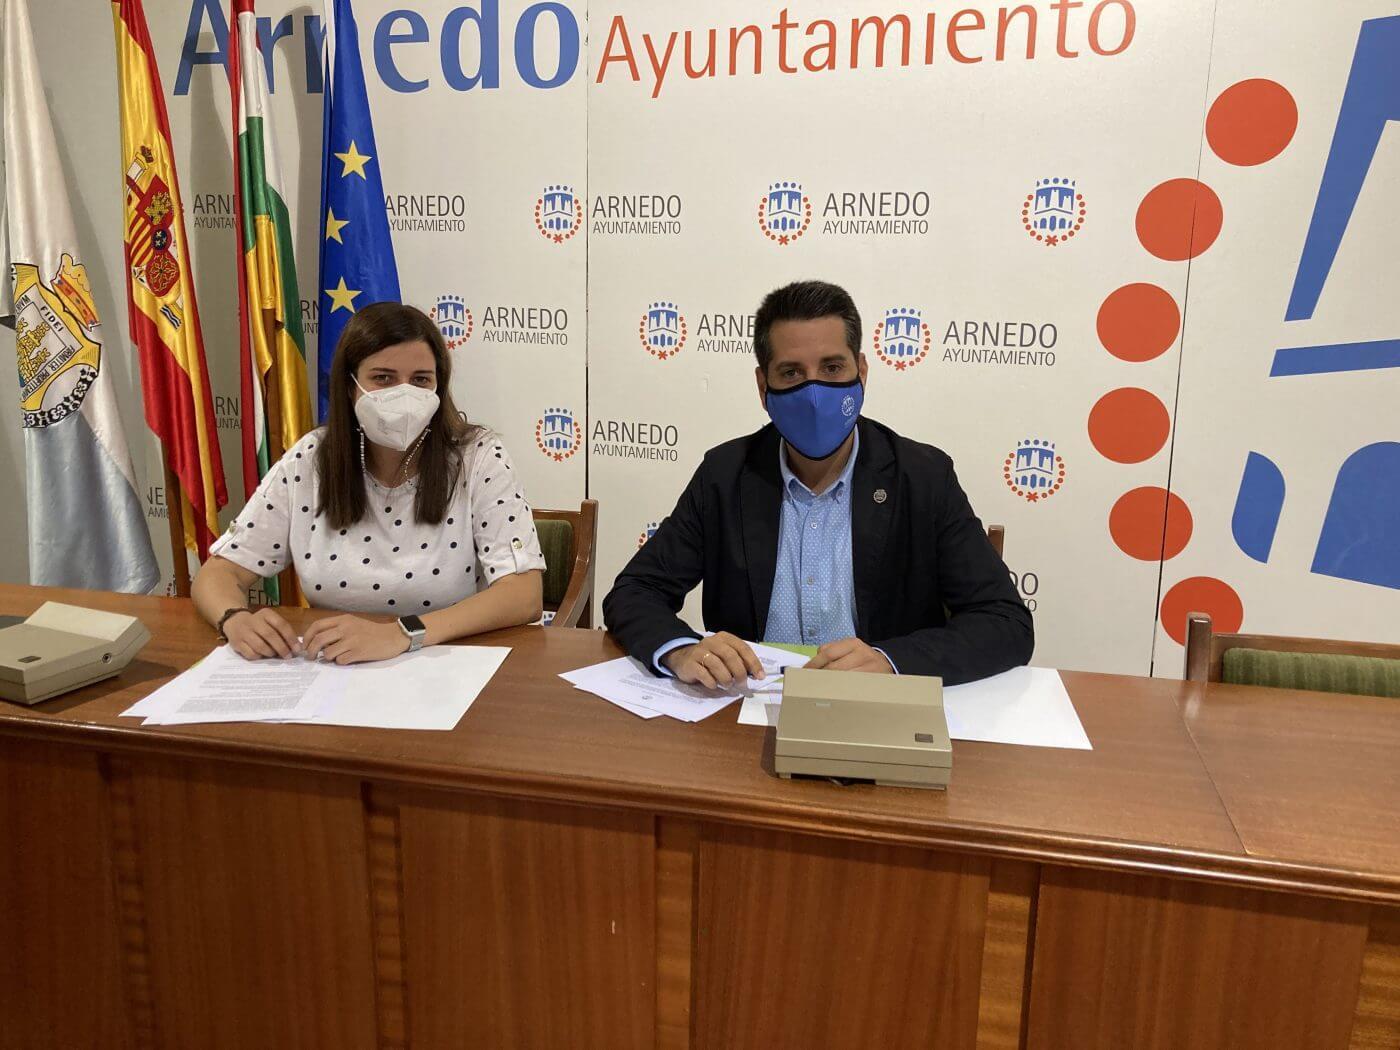 El Ayuntamiento de Arnedo pondrá en marcha cinco proyectos de interés social que permitirán contratar durante unos meses a siete desempleados